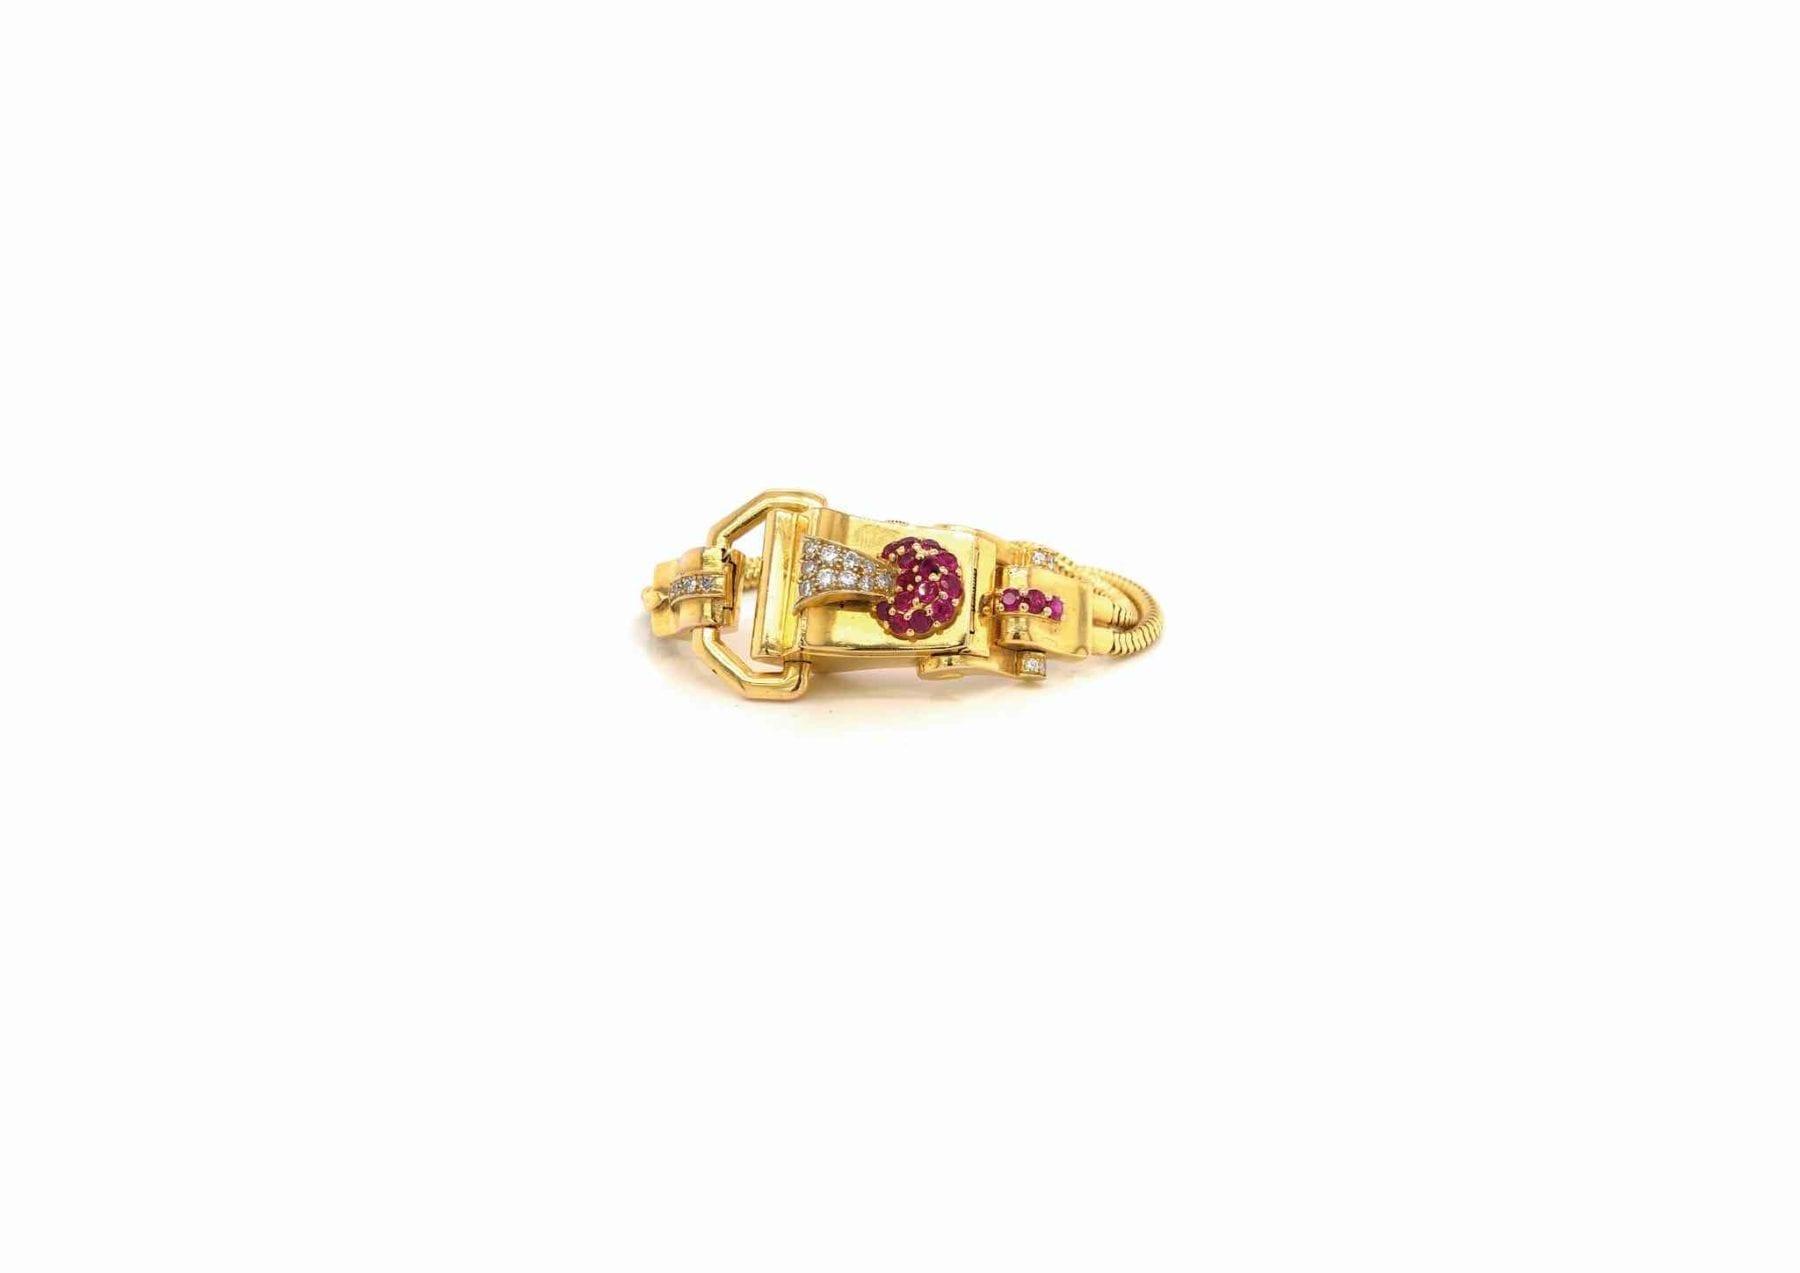 Montre d'occasion or rubis et diamants